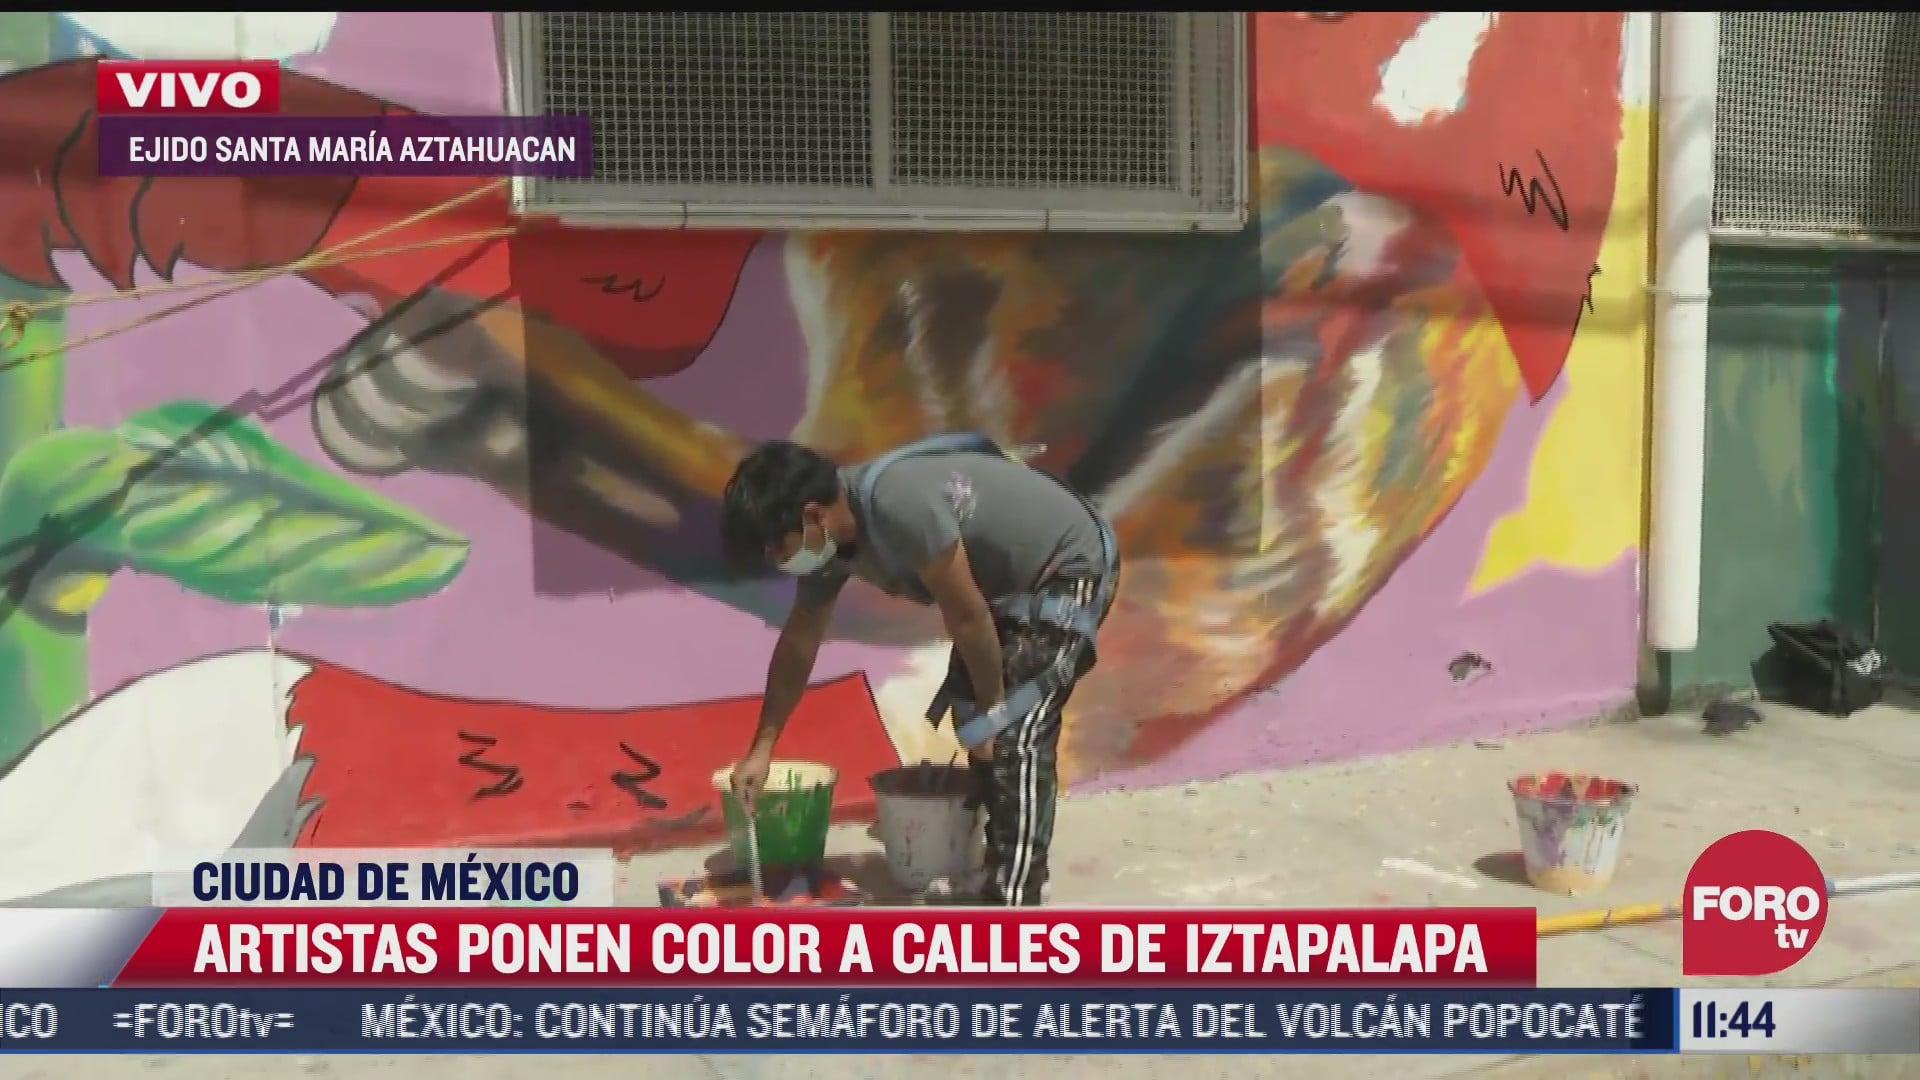 artistas ponen color a calles de iztapalapa cdmx